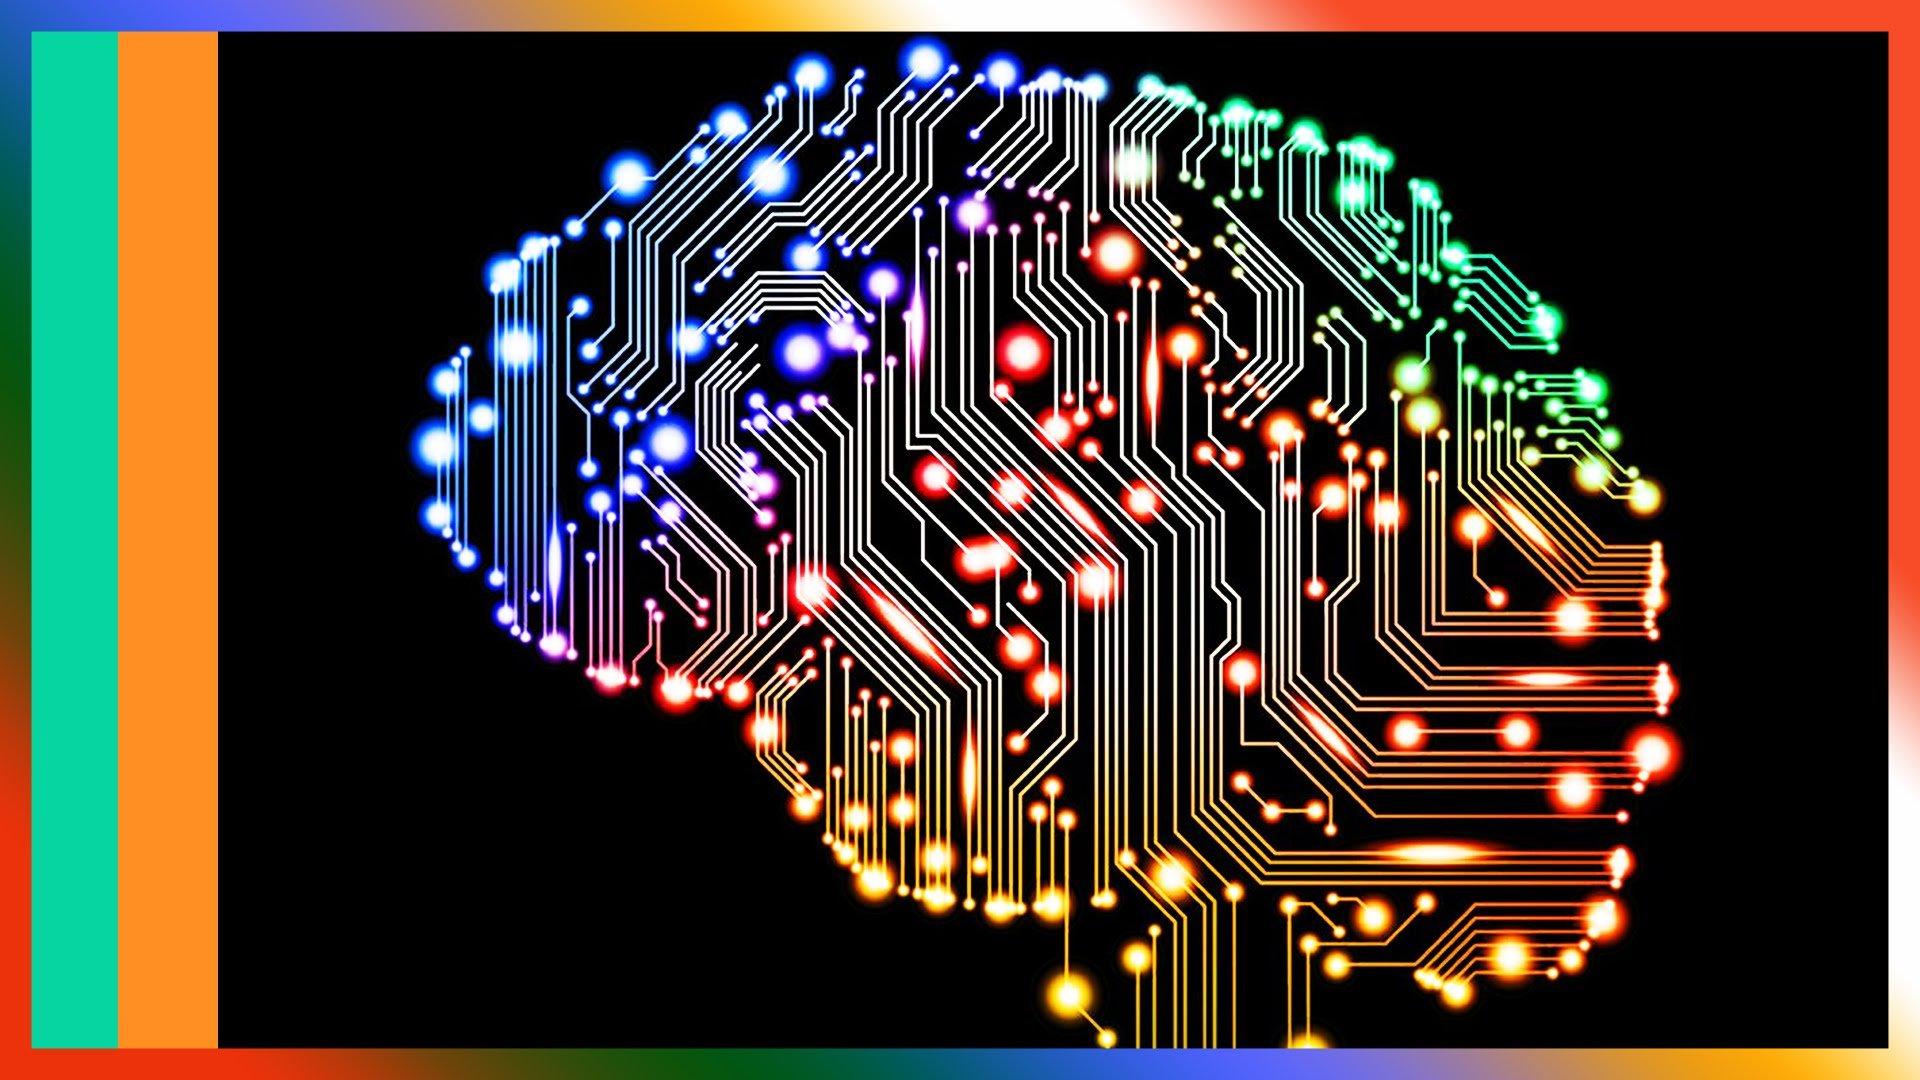 Нейросети научились видеть объекты надвумерных картинах с различных ракурсов